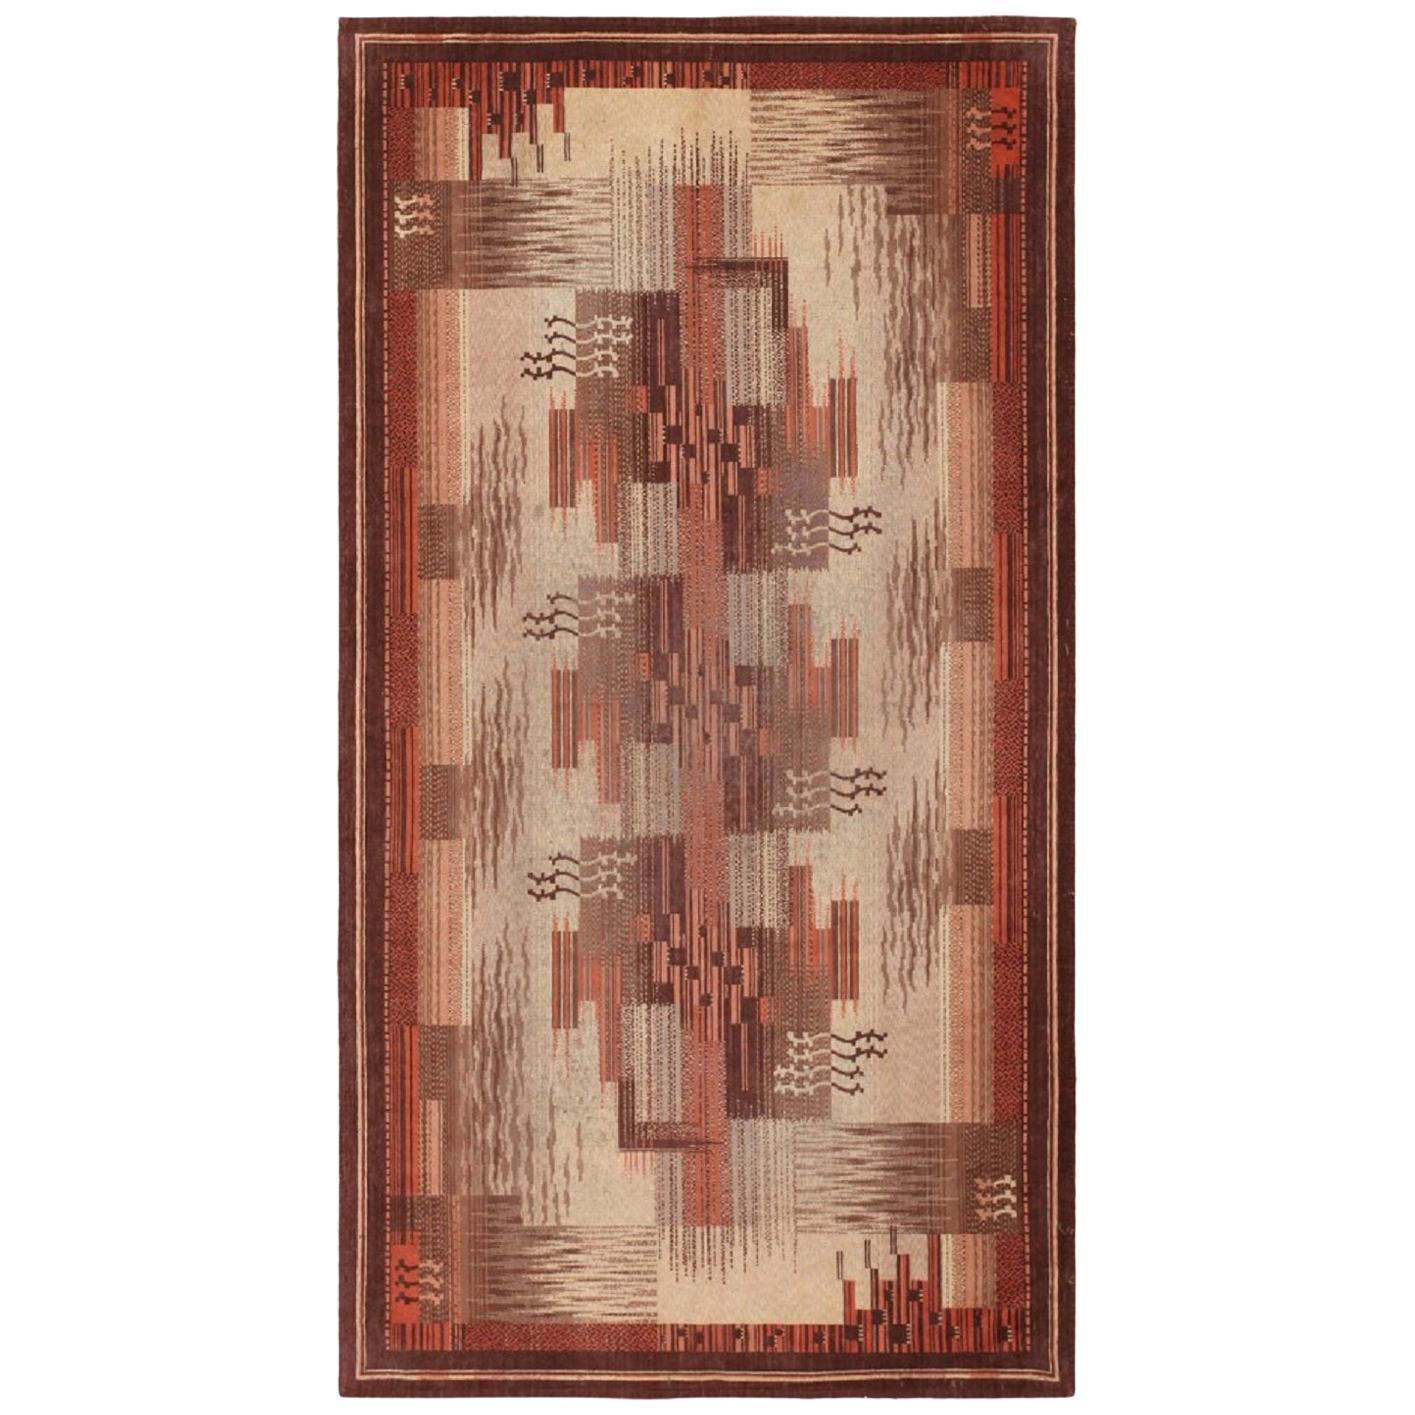 Vintage French Art Deco Carpet. Size: 5 ft x 9 ft (1.52 m x 2.74 m)